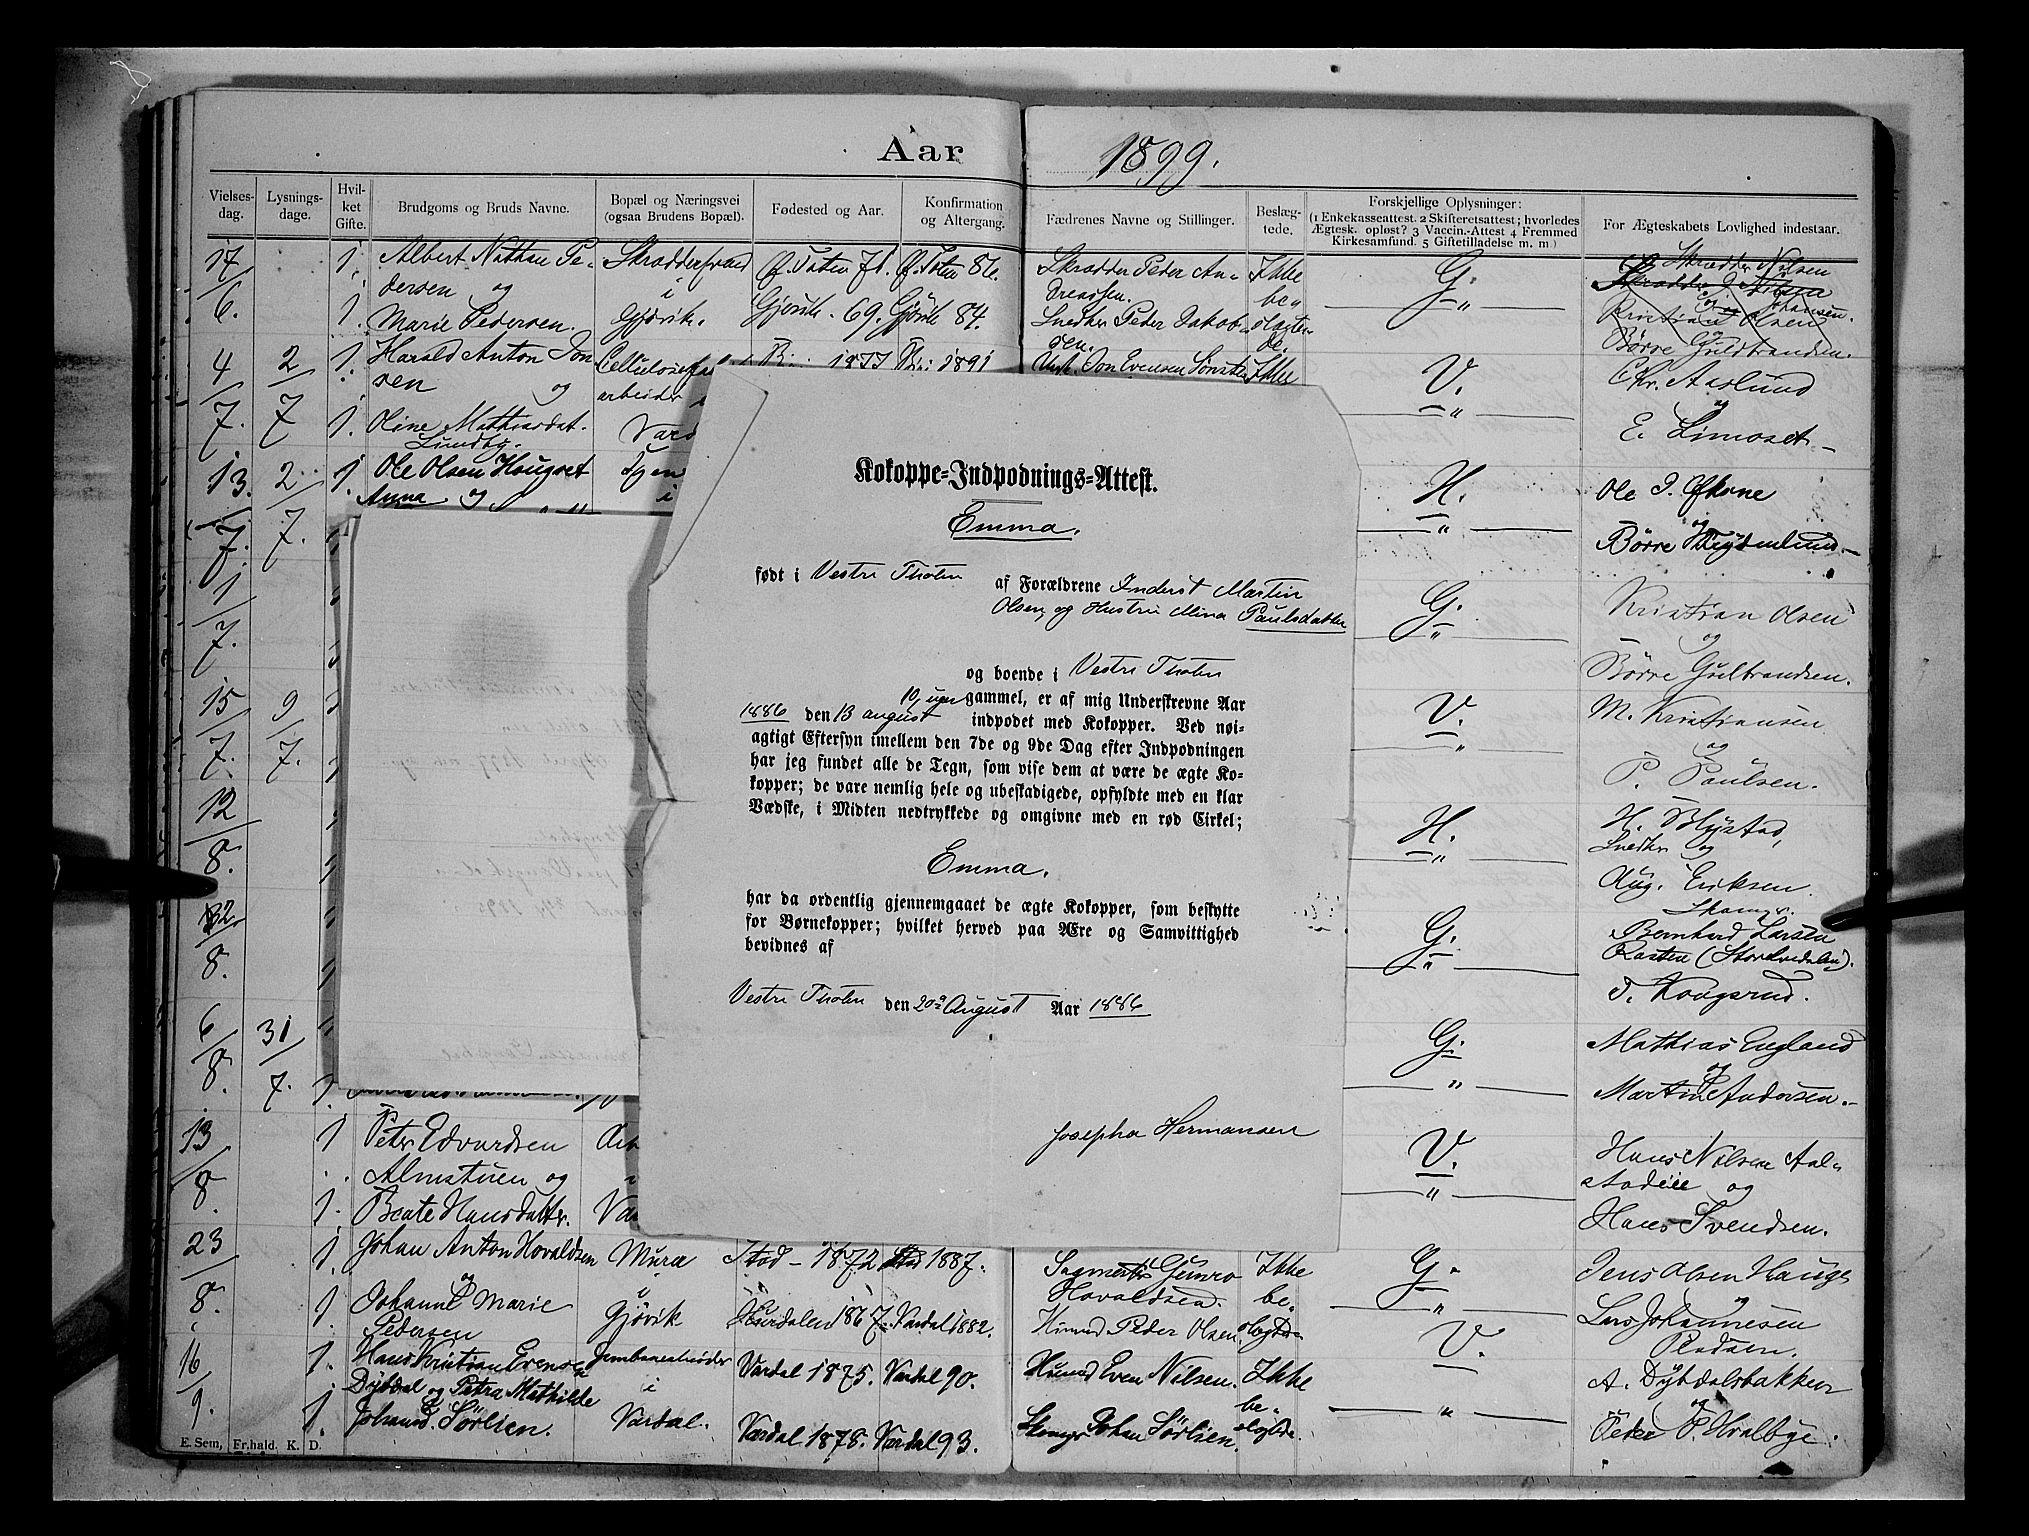 SAH, Vardal prestekontor, H/Ha/Hab/L0004: Lysningsprotokoll nr. 4, 1892-1907